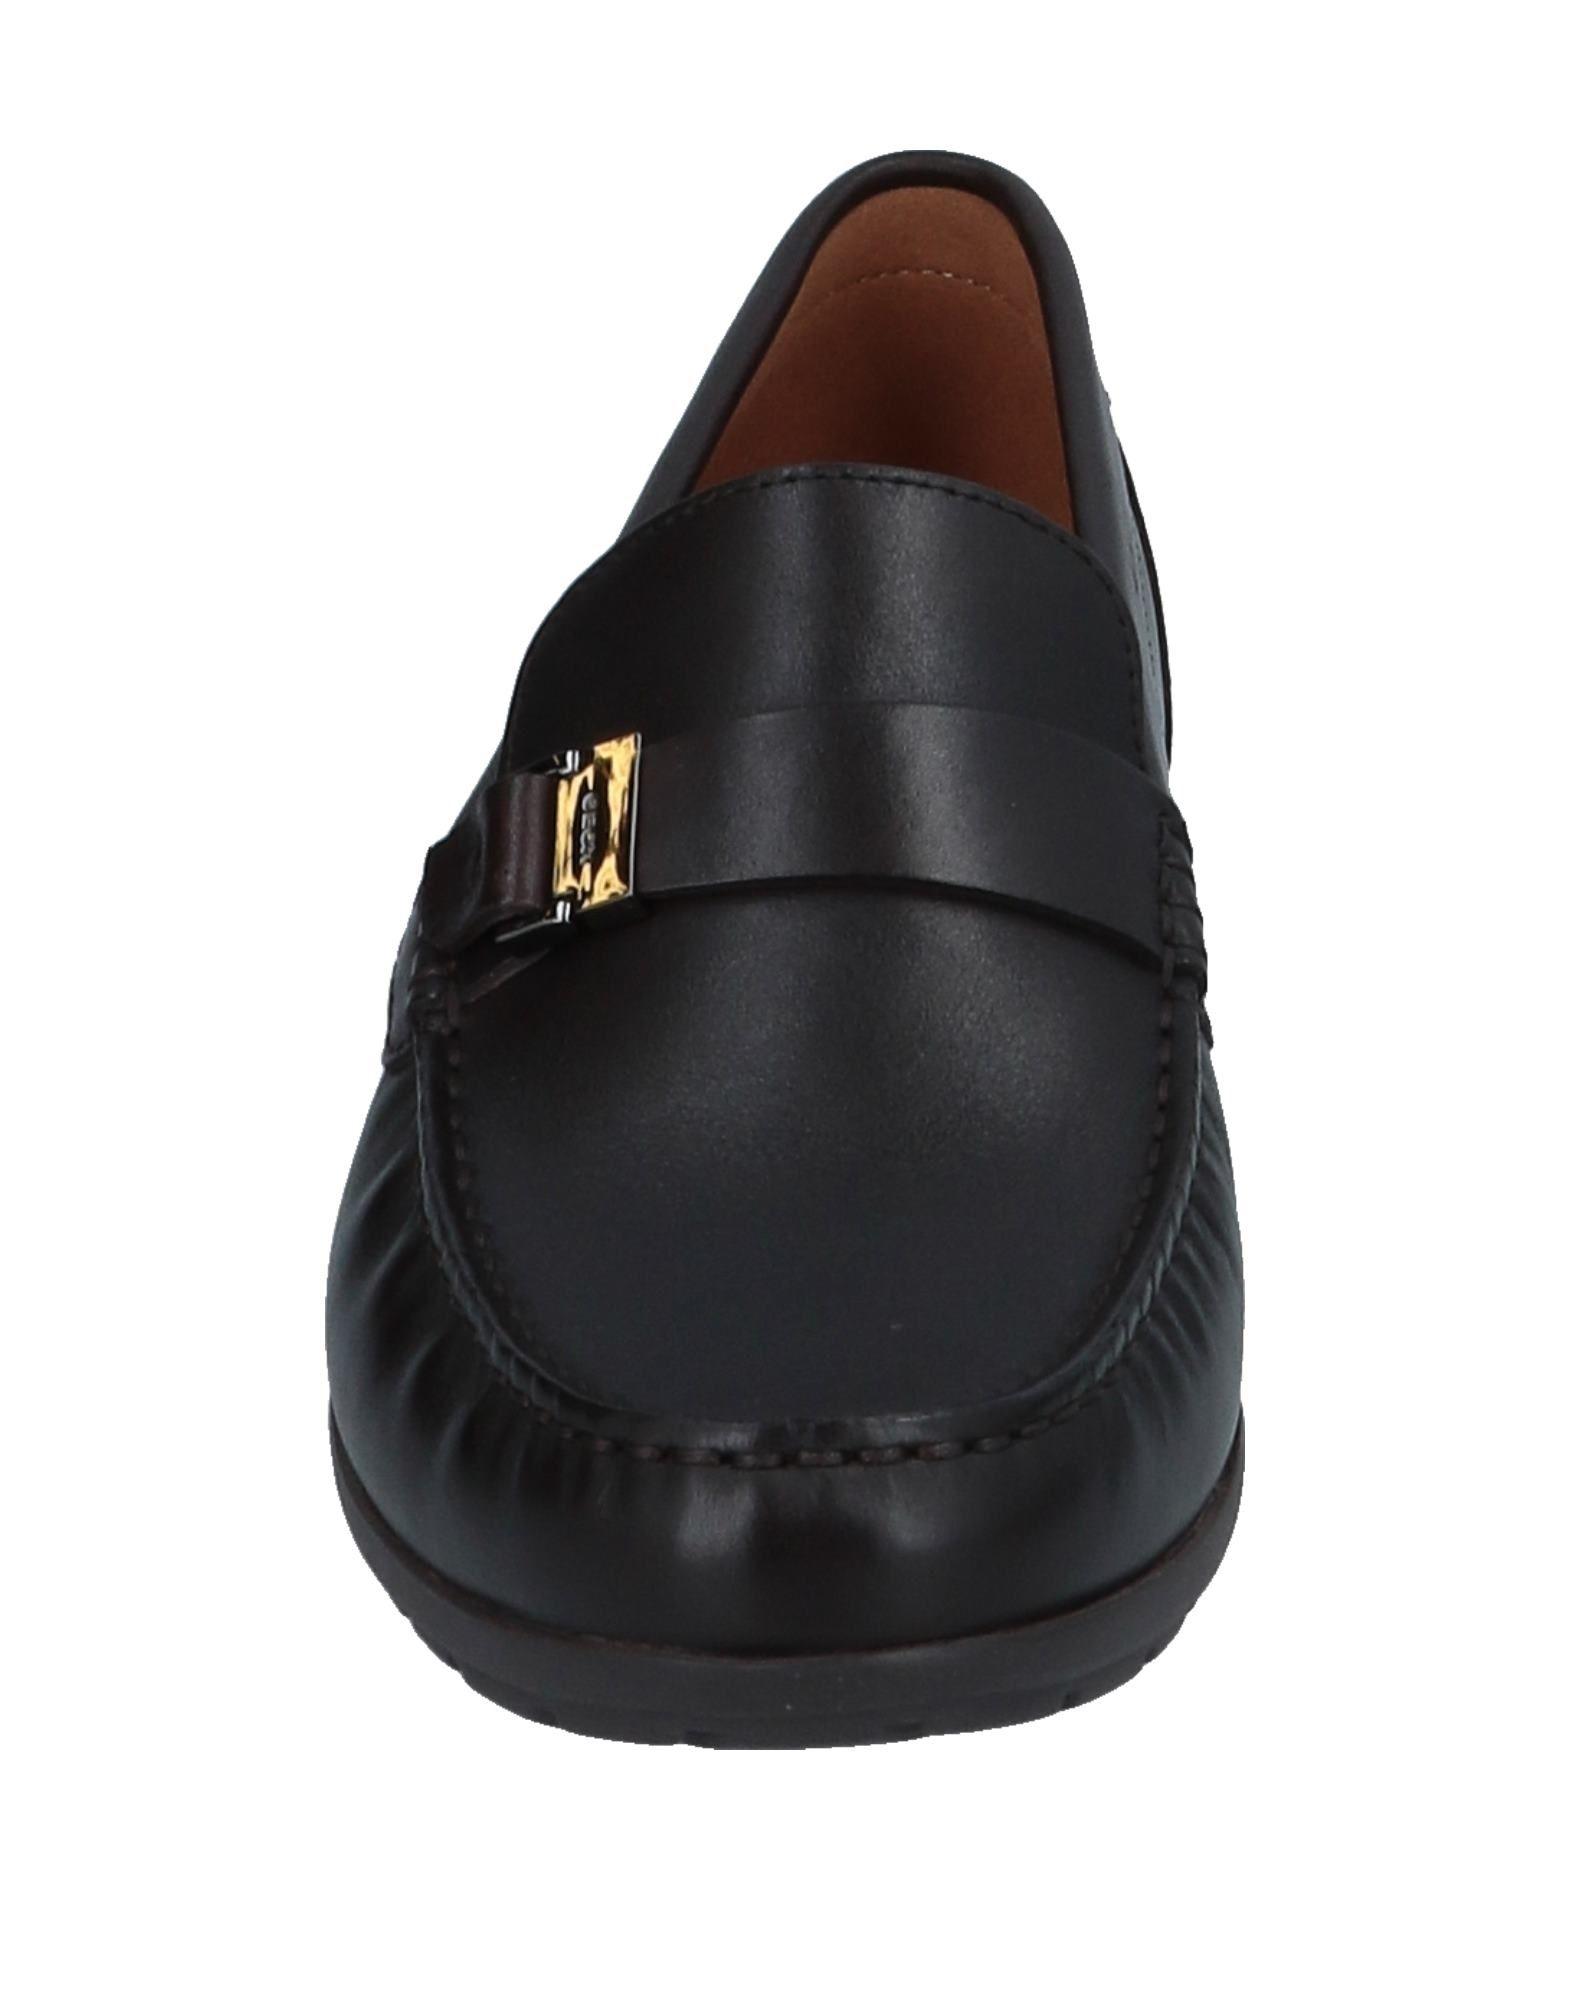 Rabatt Geox echte Schuhe Geox Rabatt Mokassins Herren  11540724GS f0cddf